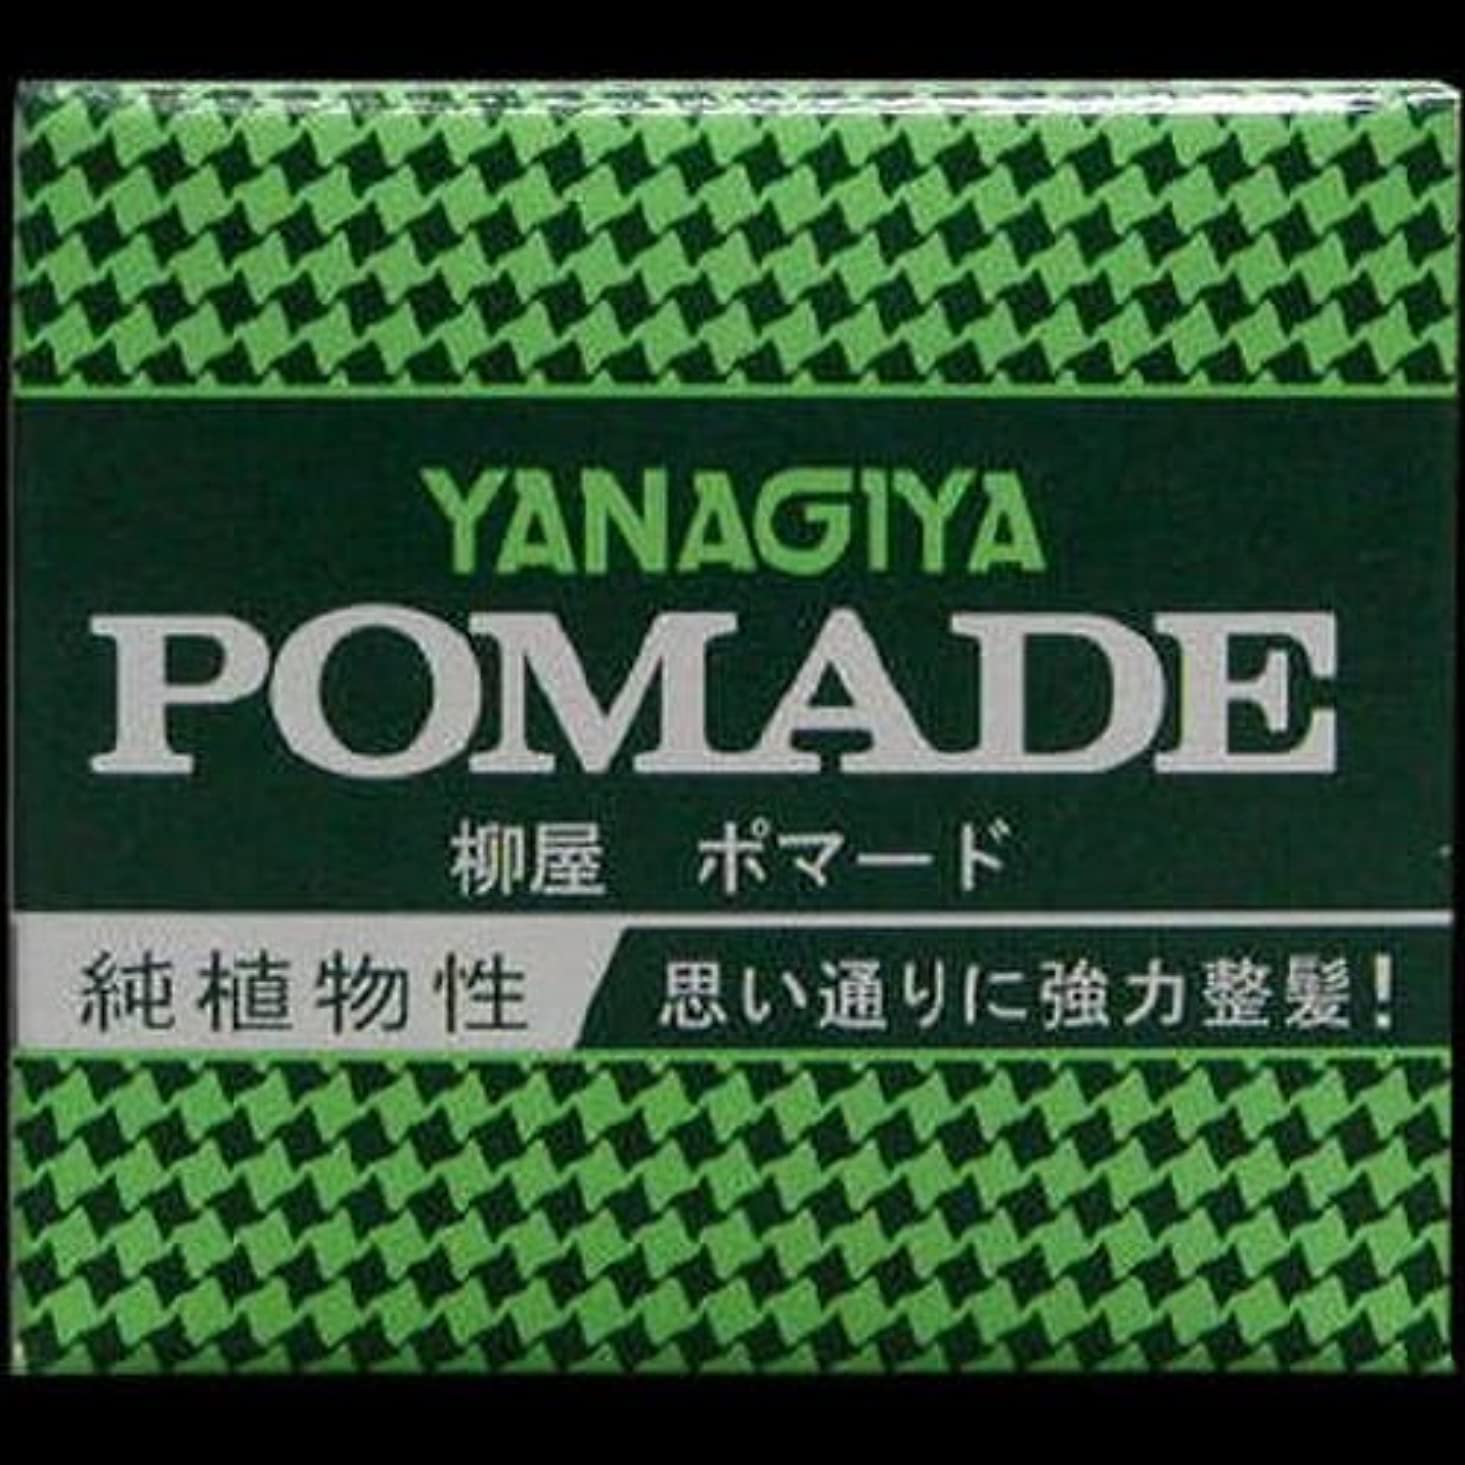 とげのあるメガロポリス線形【まとめ買い】柳屋 ポマード小 63g ×2セット